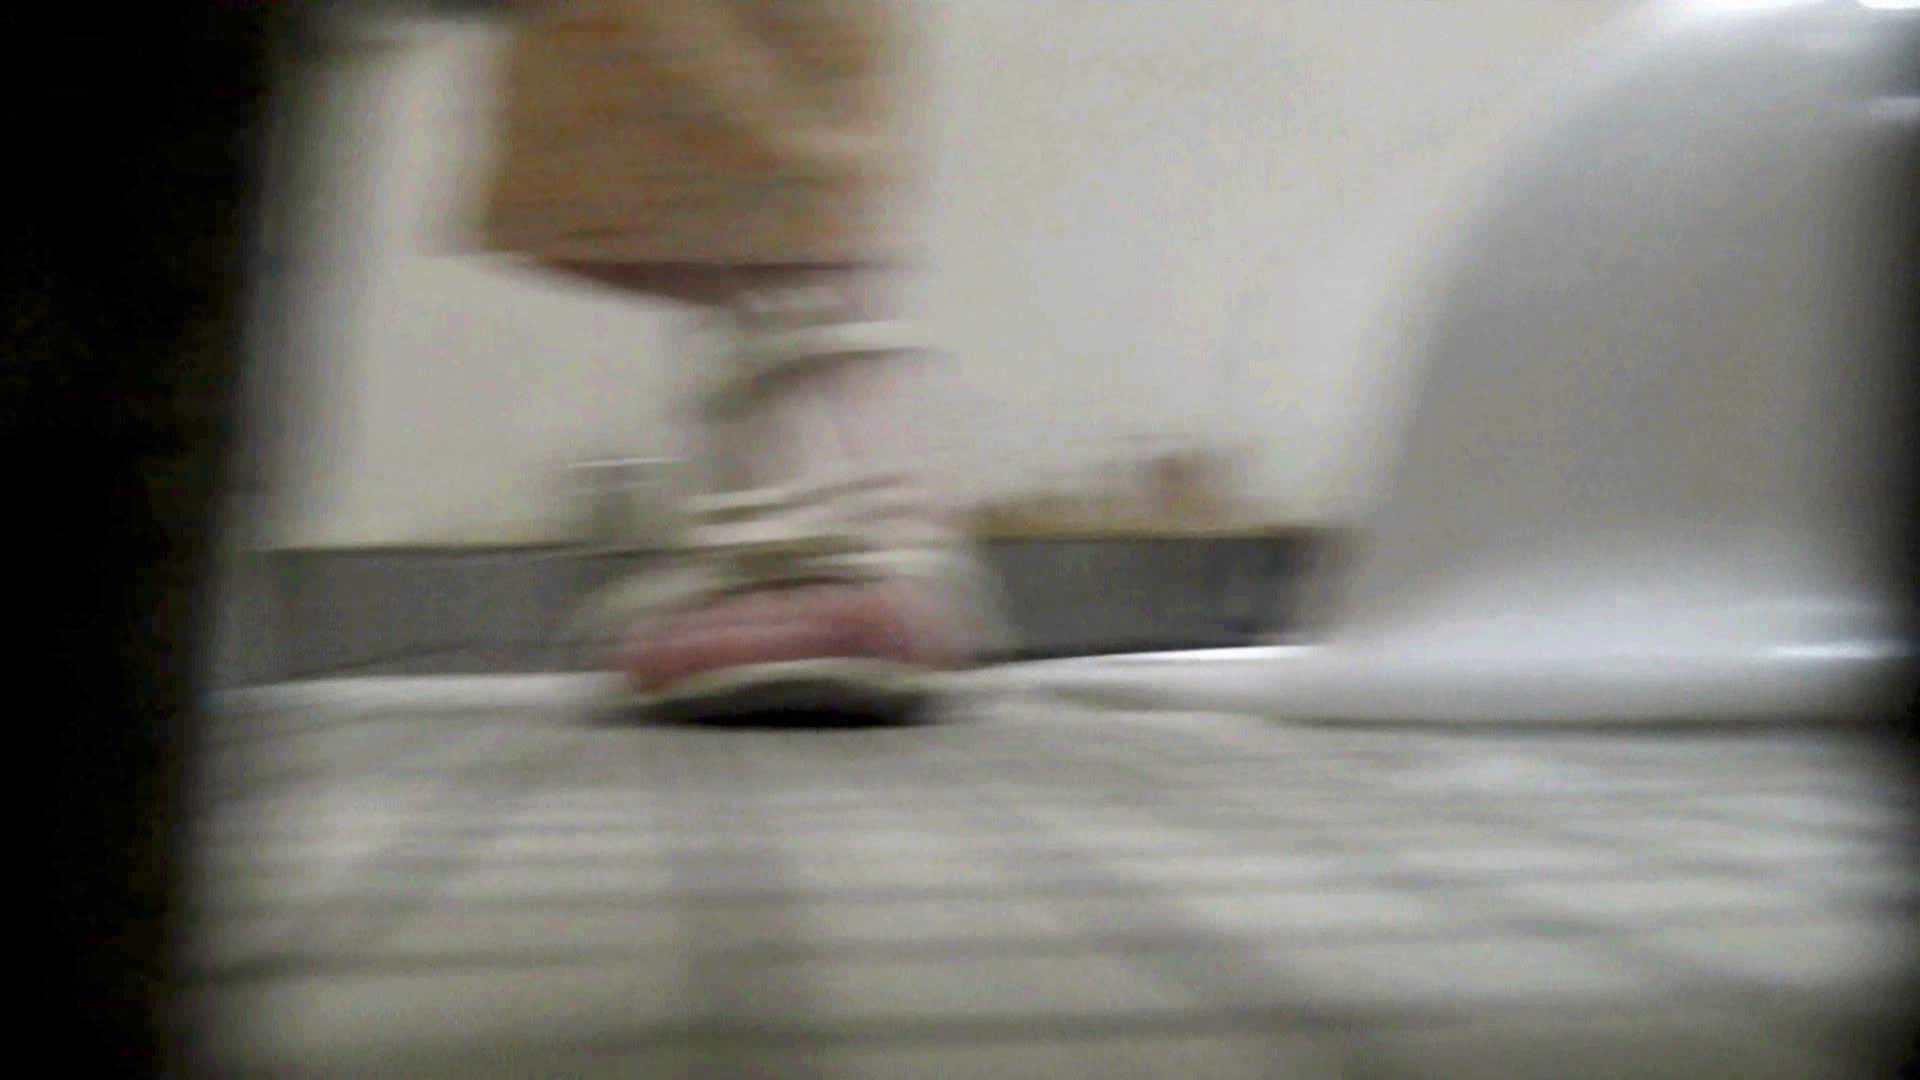 洗面所特攻隊 vol.74 last 2総勢16名激撮【2015・29位】 洗面所着替え | OL  37連発 11